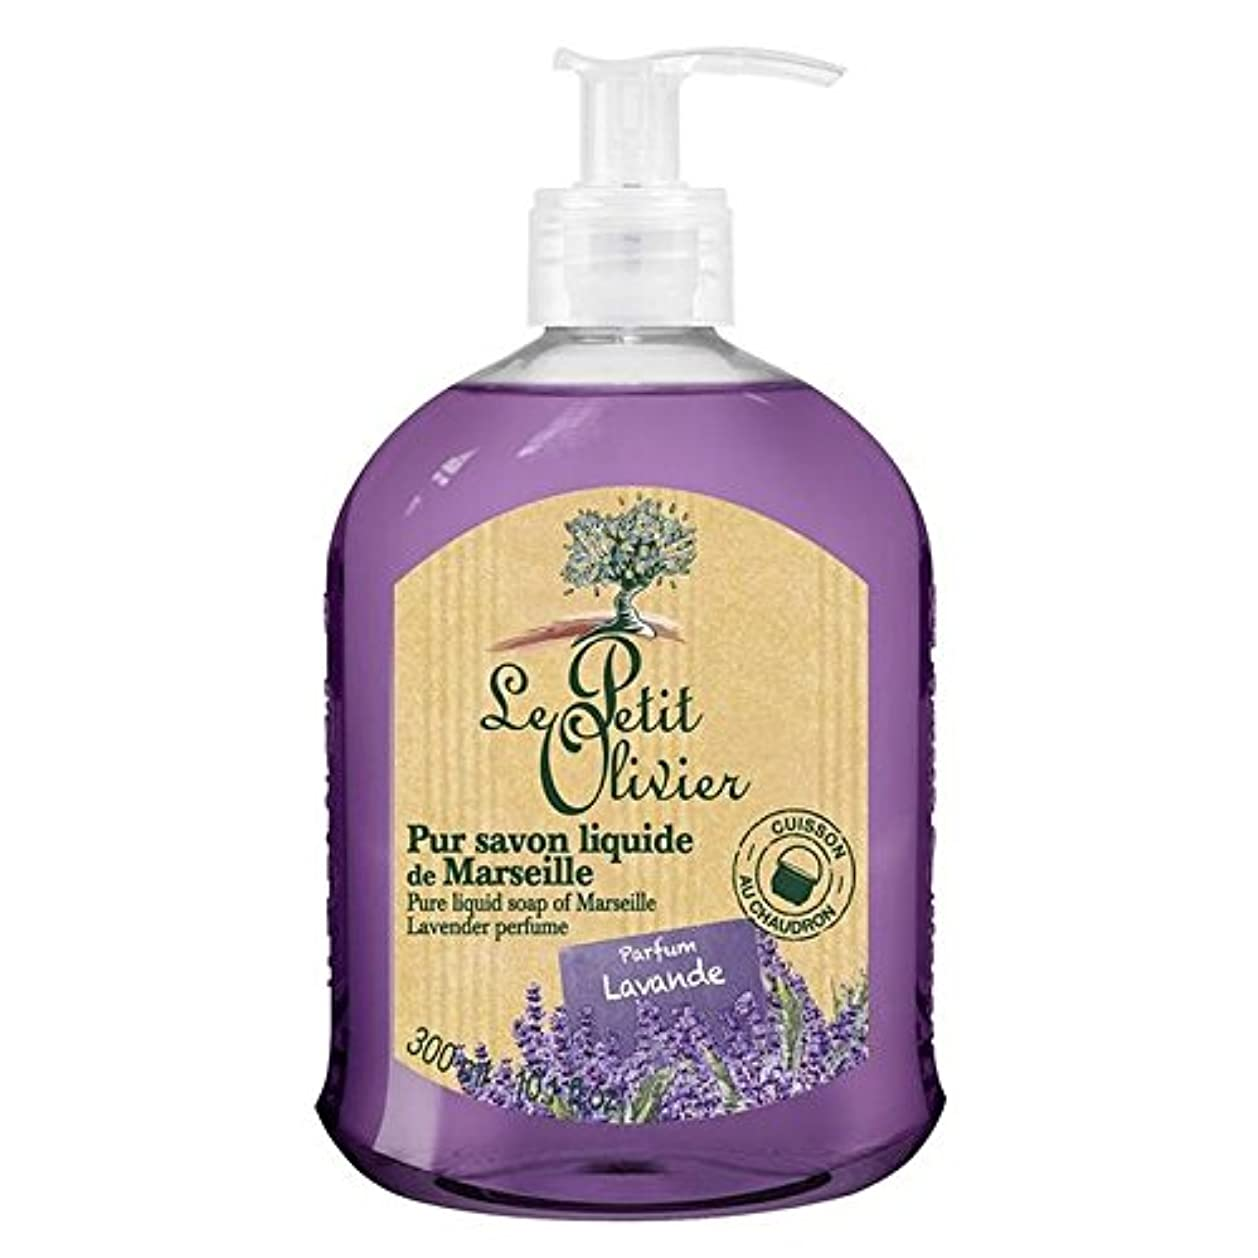 クール弓不忠マルセイユのル?プティ?オリヴィエ純粋な液体石鹸、ラベンダー300ミリリットル x2 - Le Petit Olivier Pure Liquid Soap of Marseille, Lavender 300ml (Pack of 2) [並行輸入品]